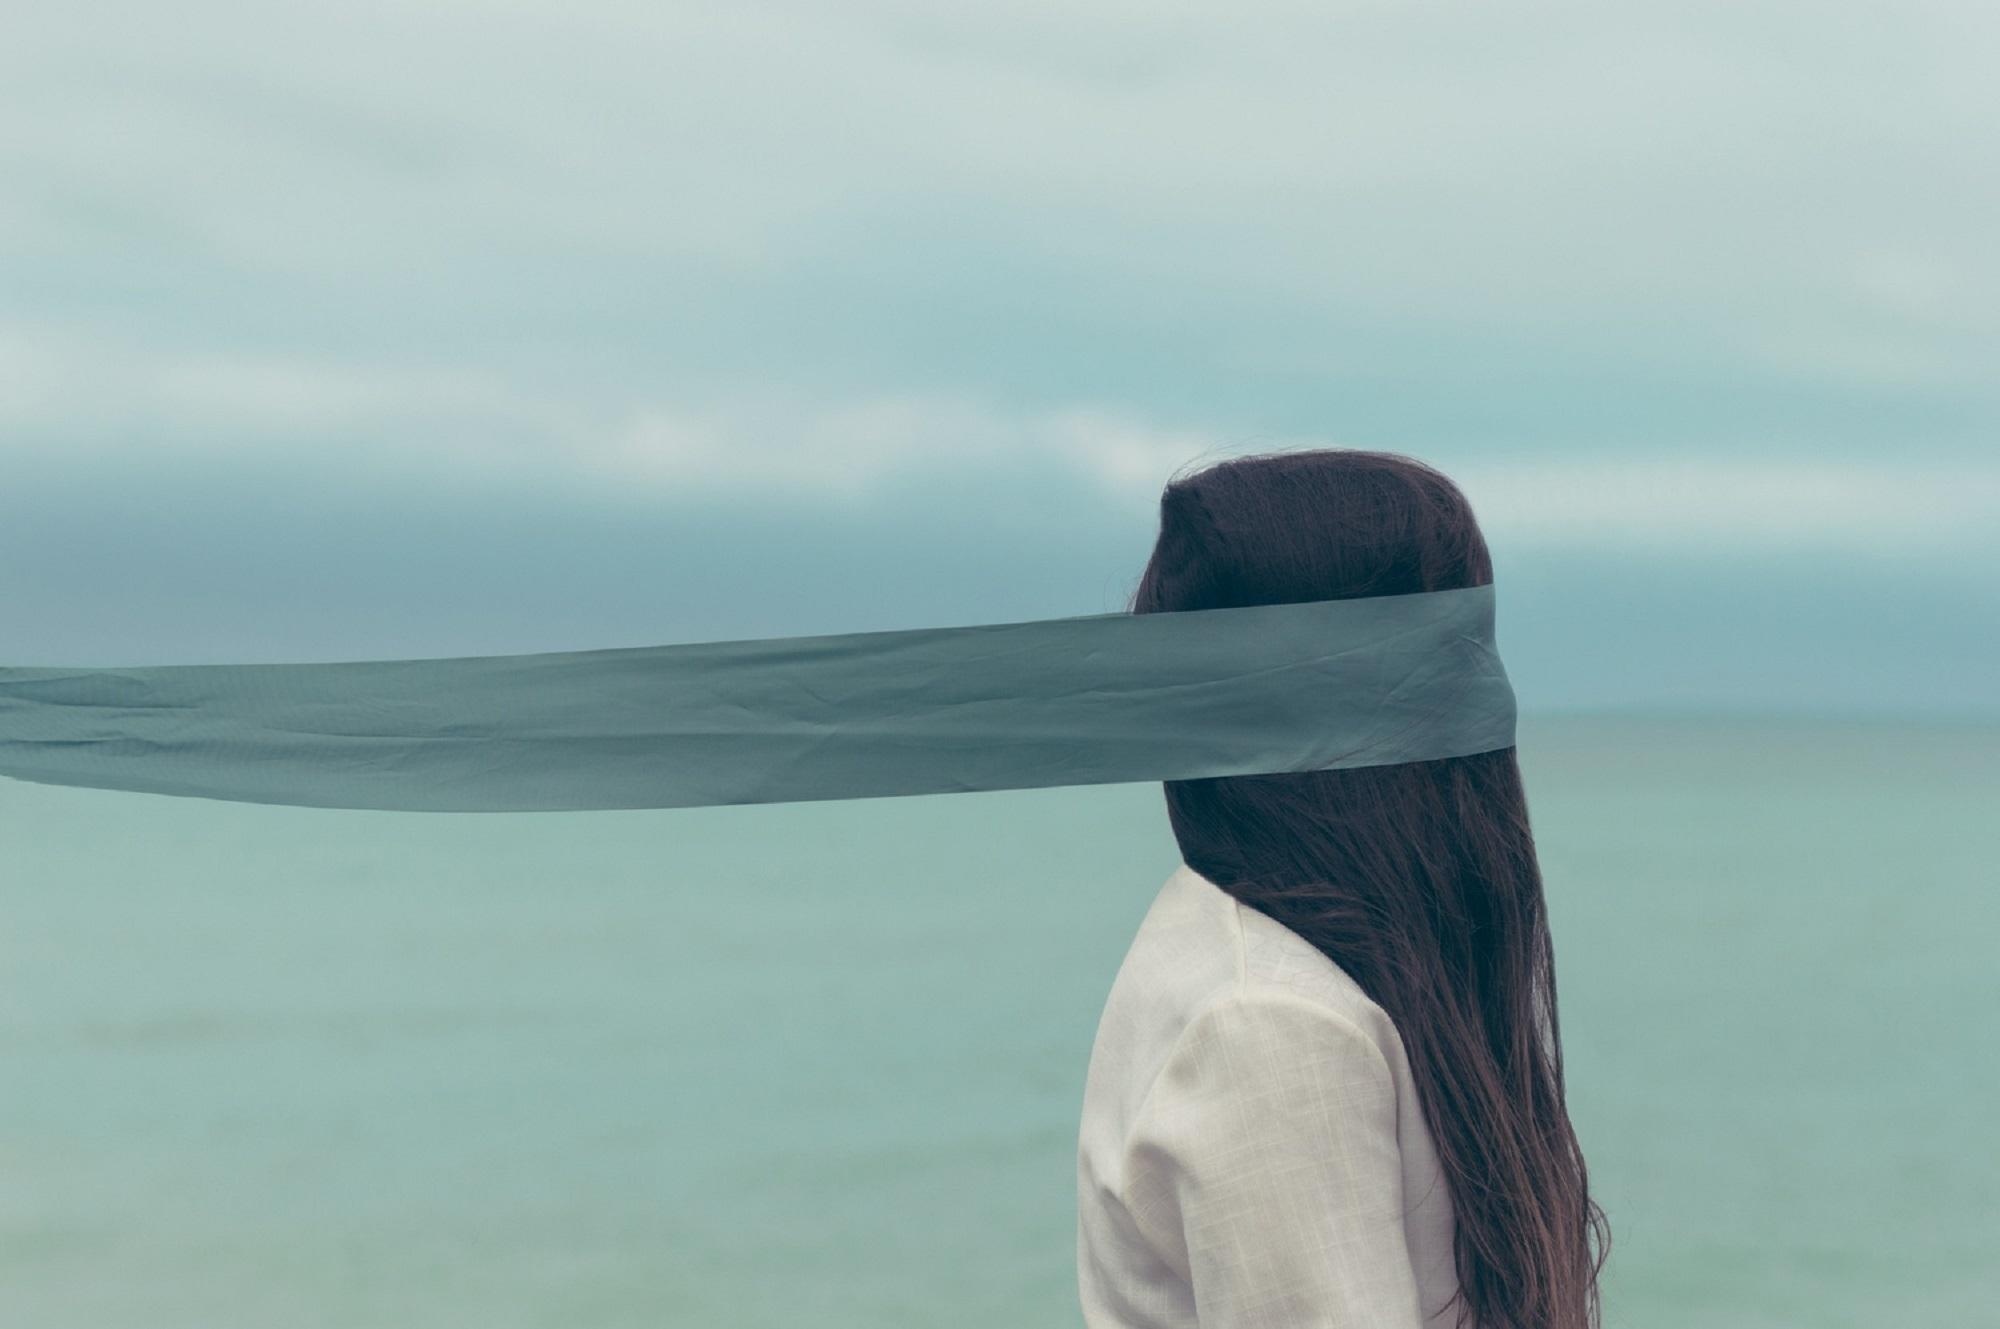 اختلال شخصیت اسکیزوتایپی چیست؟ تعریف، ویژگیهای تشخیصی و درمان